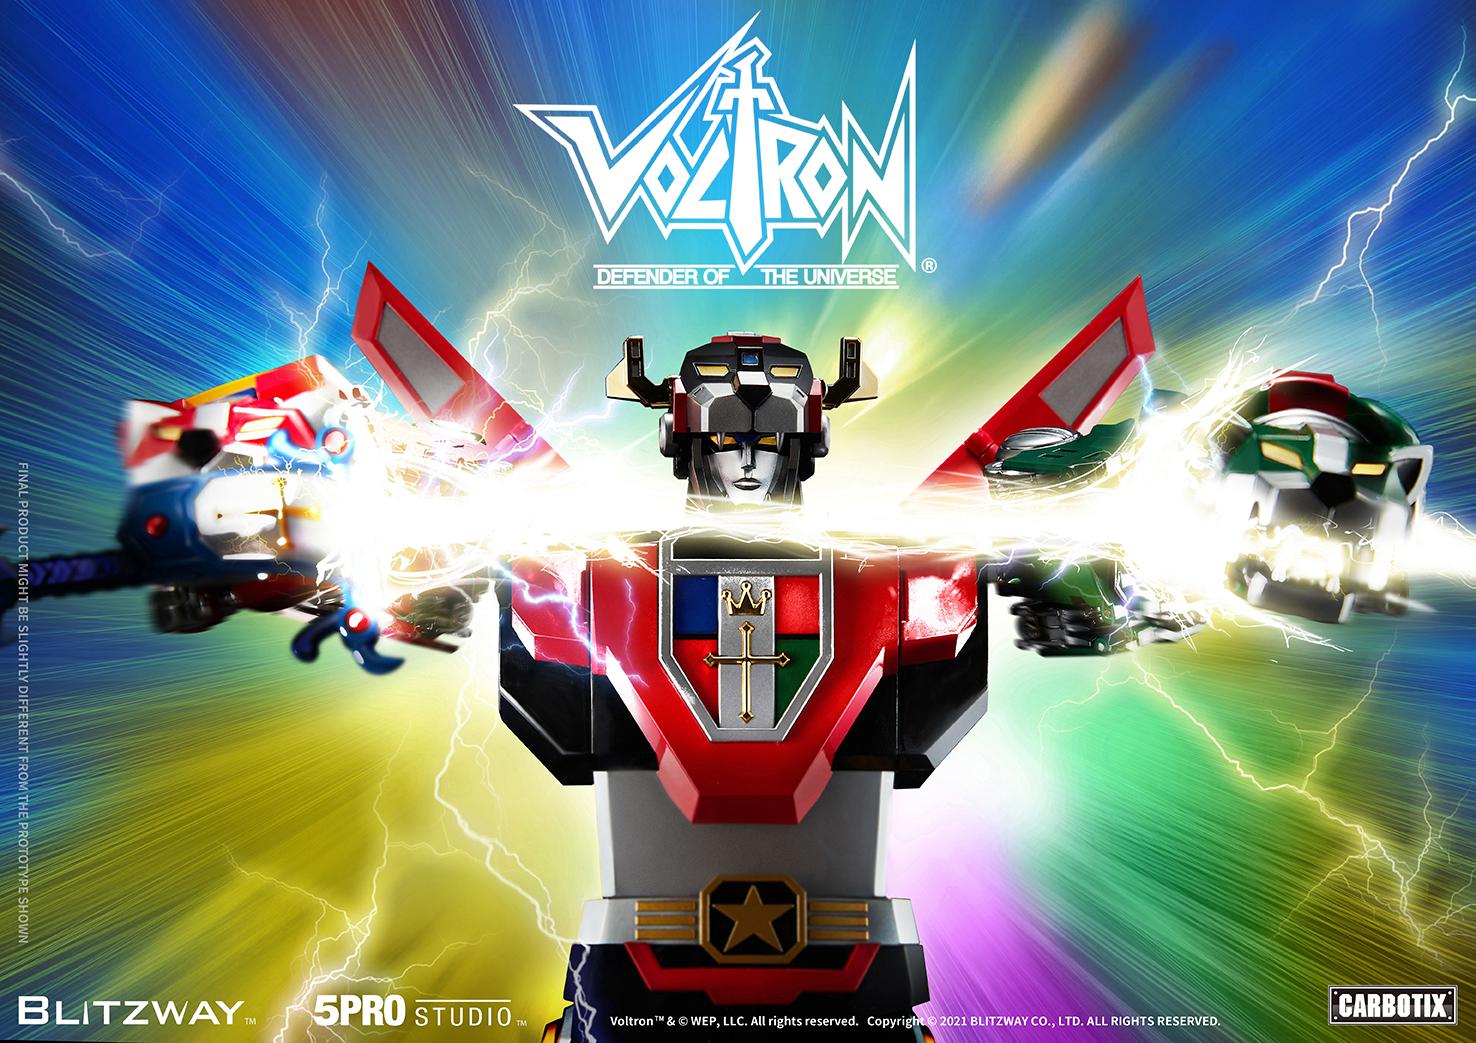 """Blitzway """"Voltron"""" 5Pro Studio CARBOTIX Series, Action Figure"""